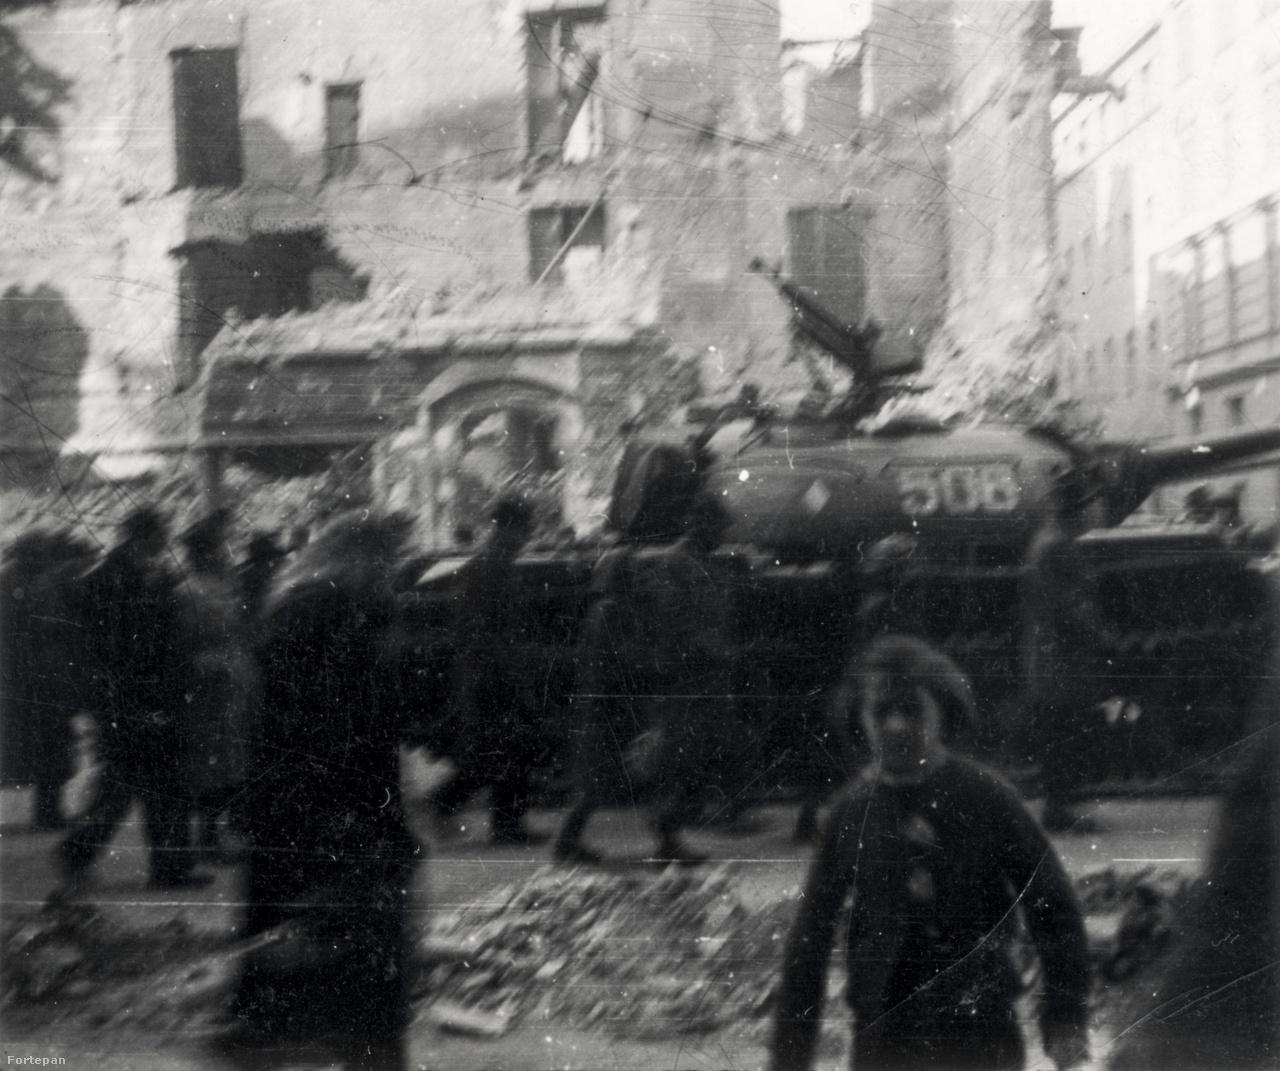 Romok, sétálók és egy kilőtt szovjet tank a Rákóczi út és az Osvát utca sarkán, a Hauer cukrászda felől fotózva.A kilencéves kisfiúnak olyan volt ez a néhány nap, mint az addig csak családi elbeszélésekből ismert háború.